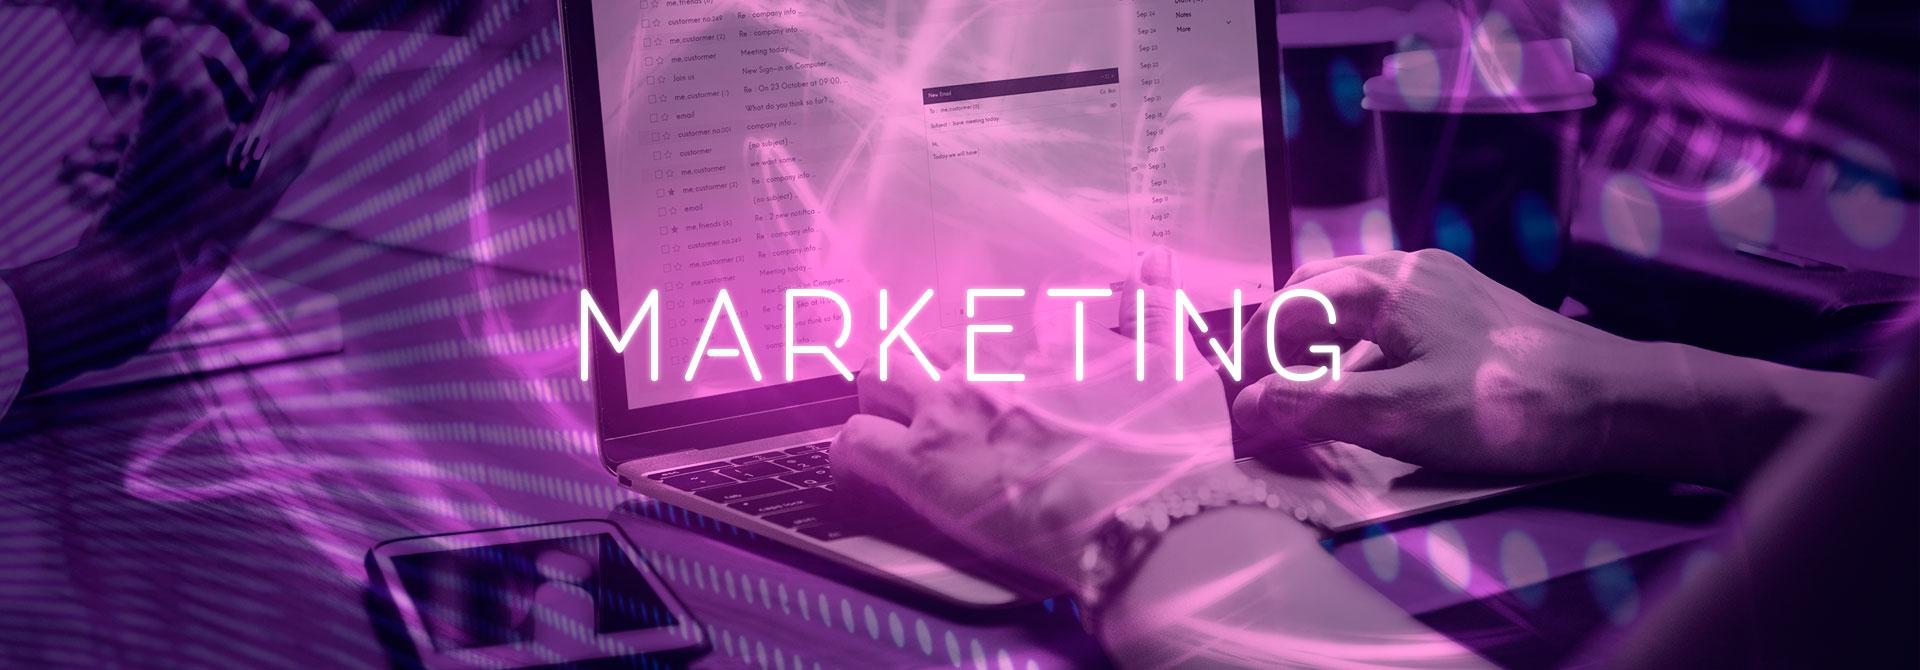 Marketing EAD